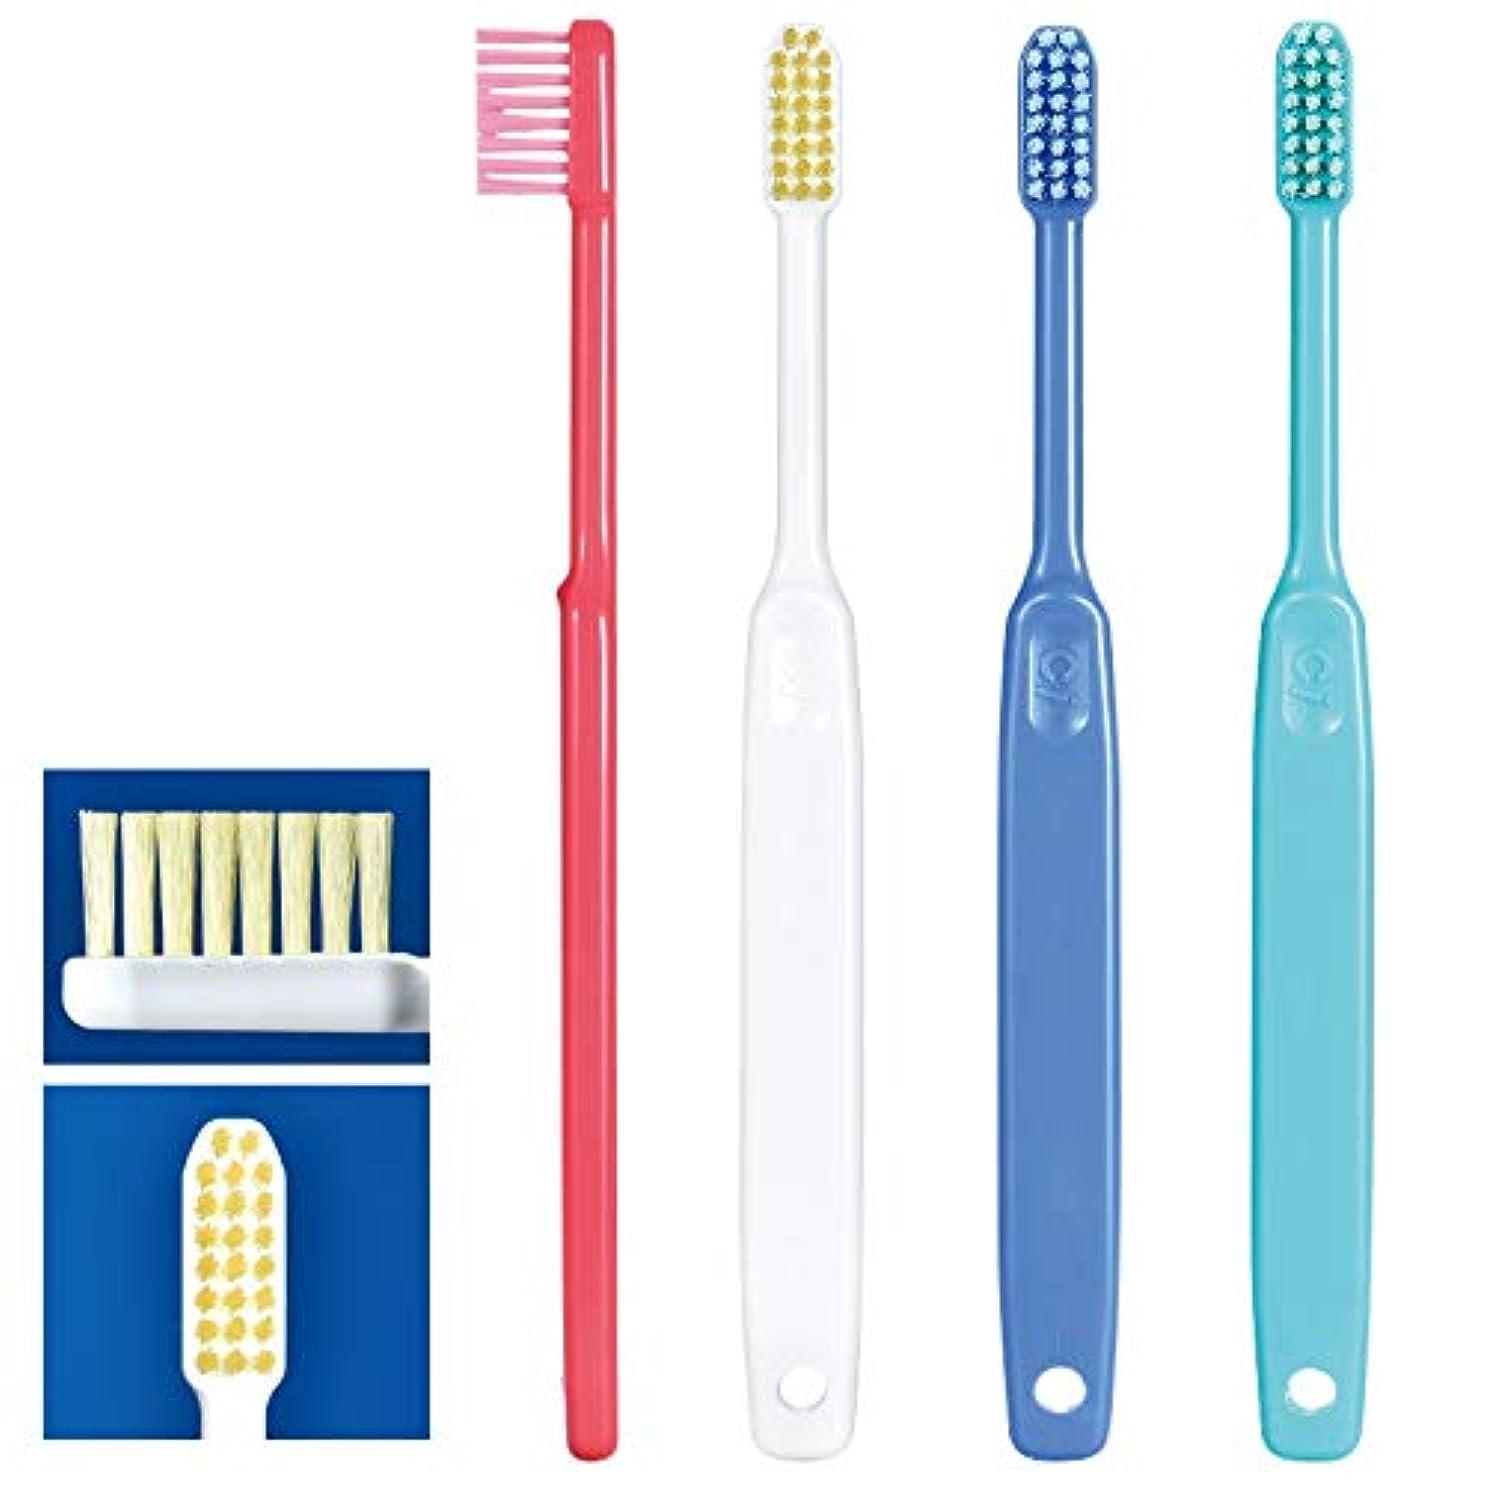 解釈的ケージ打撃Ci20カラー歯ブラシ 20本 MS(やややわらかめ) 日本製 カラー毛 高密度植毛 歯科専売品